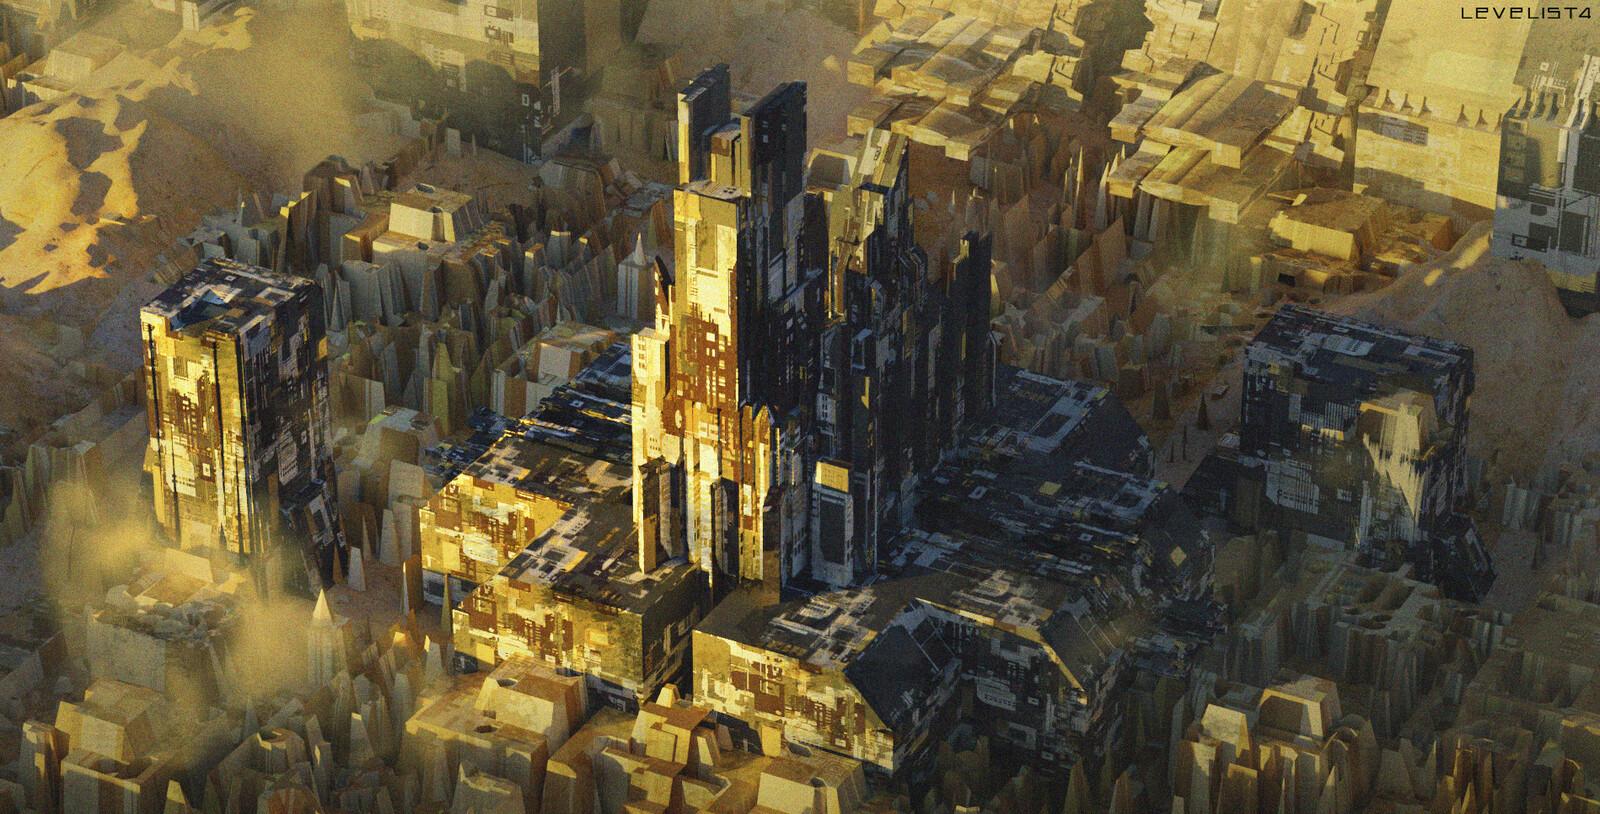 Dystopian City sketch